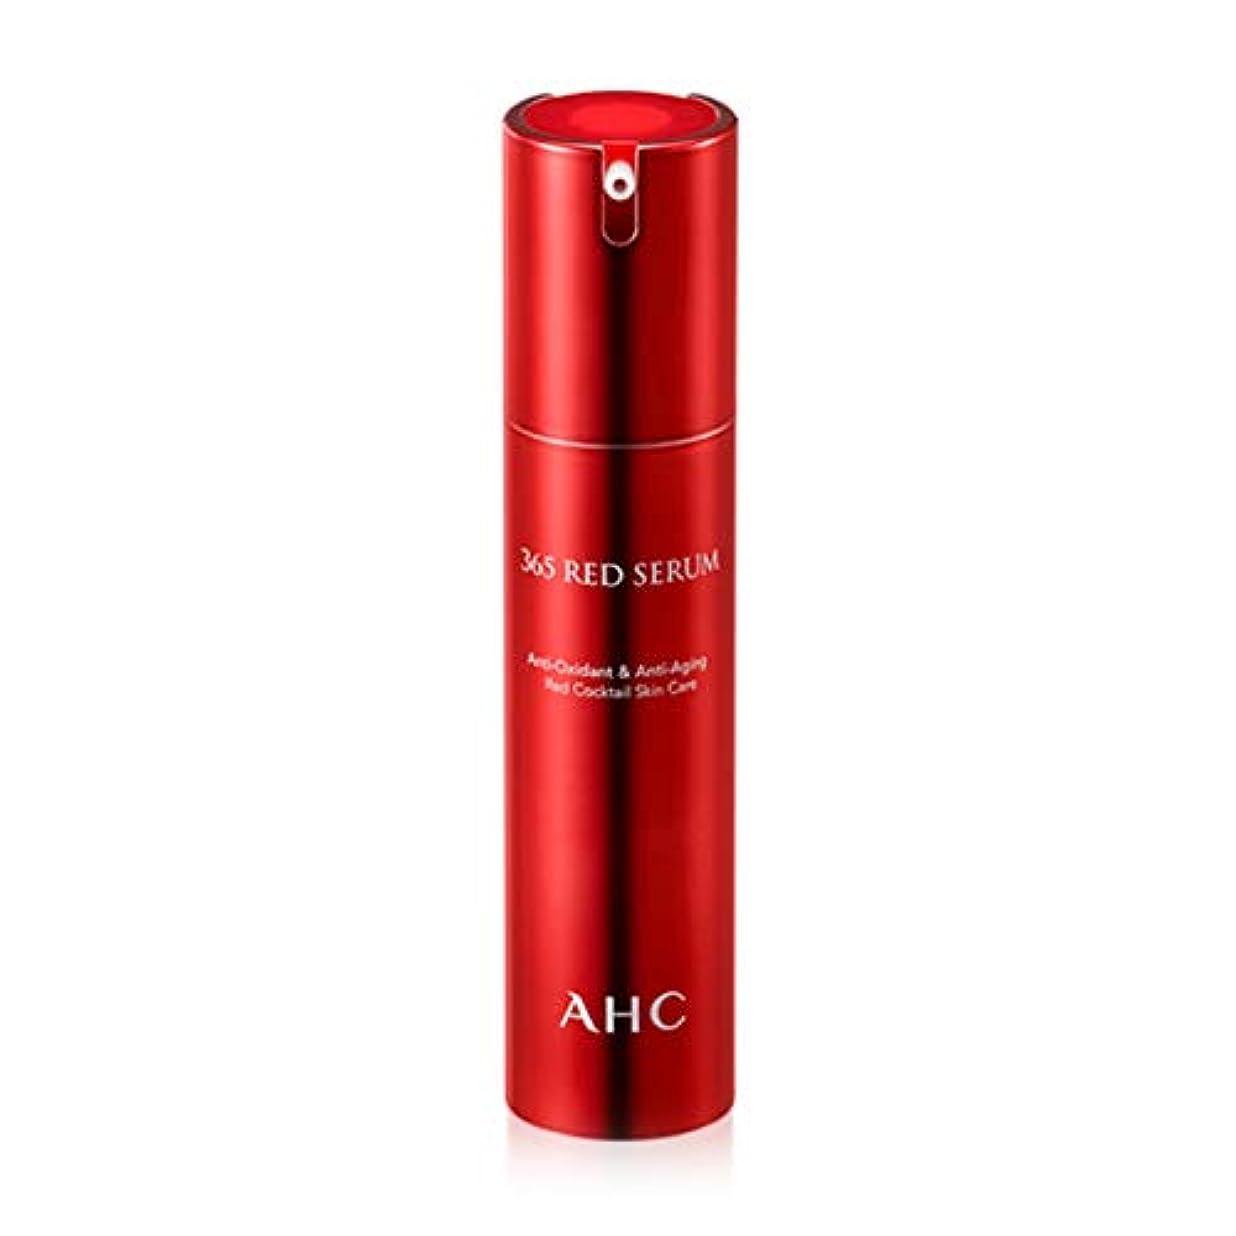 破滅的な粘り強いルームAHC 365 Red Serum AHC 365 レッド セラム 50ml [並行輸入品]